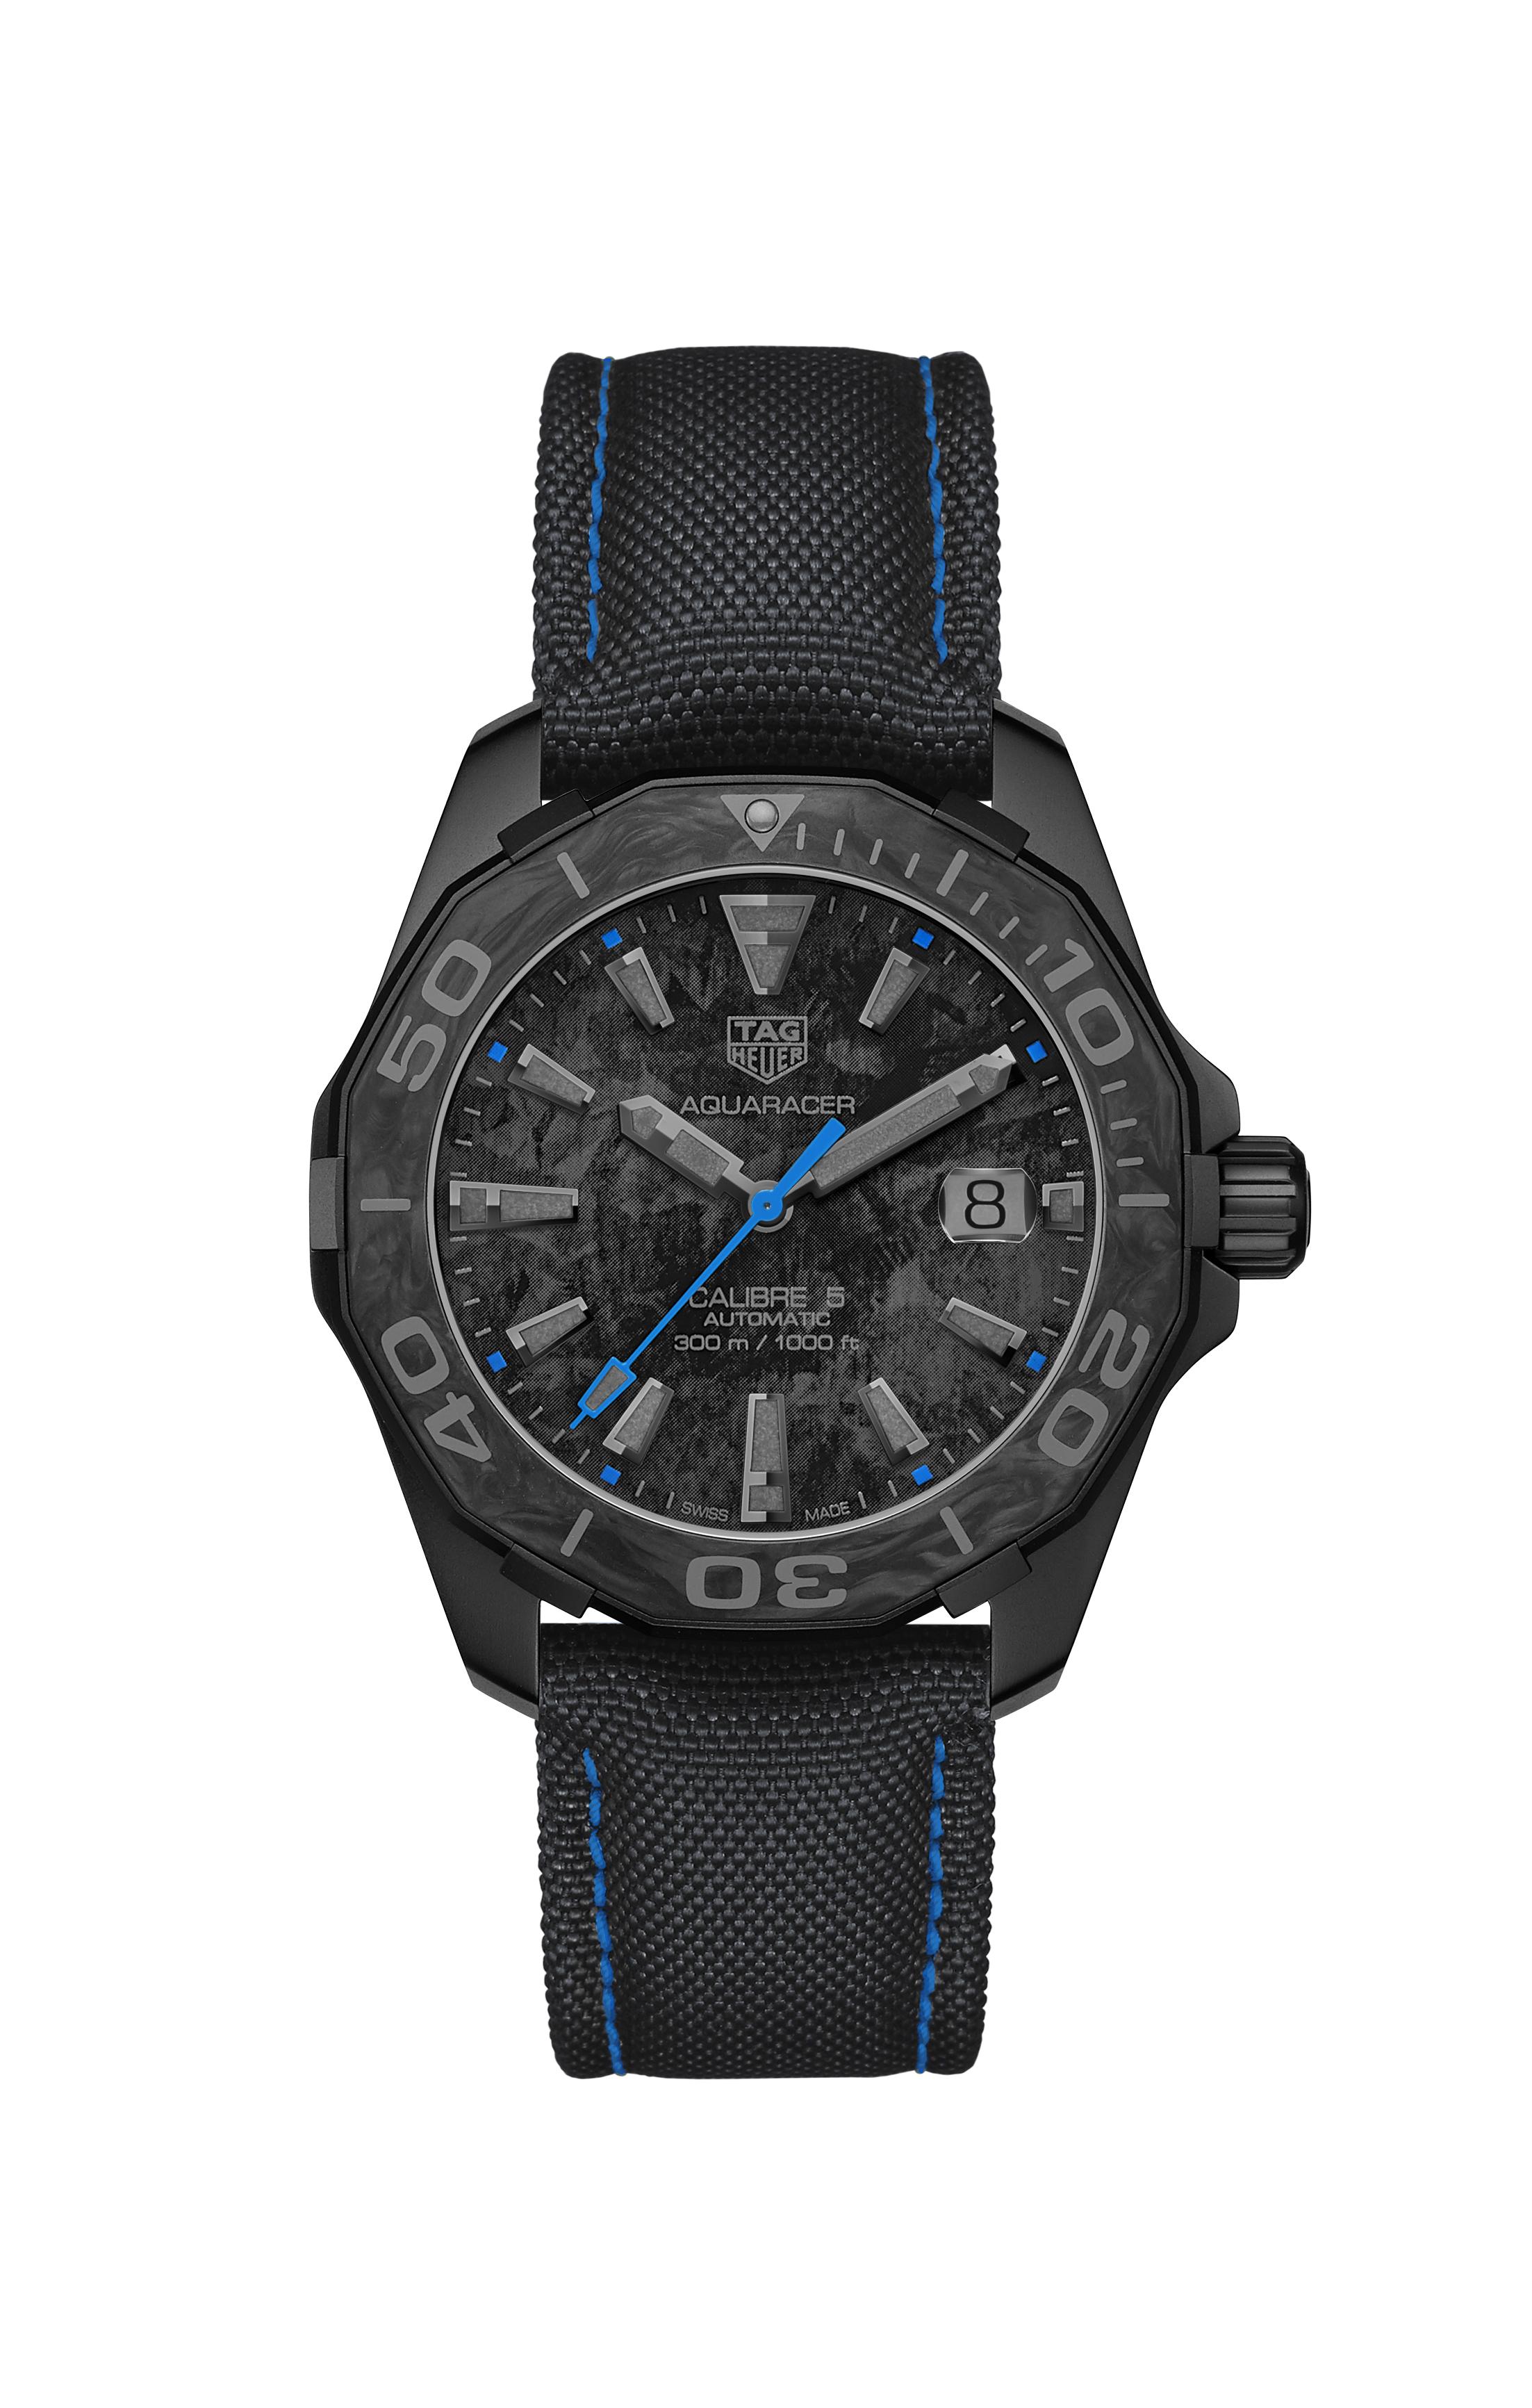 Az órák forgalmazása kizárólag TAG Heuer butikokban és online a  www.tagheuer.com oldalon történik ec2ff588d4